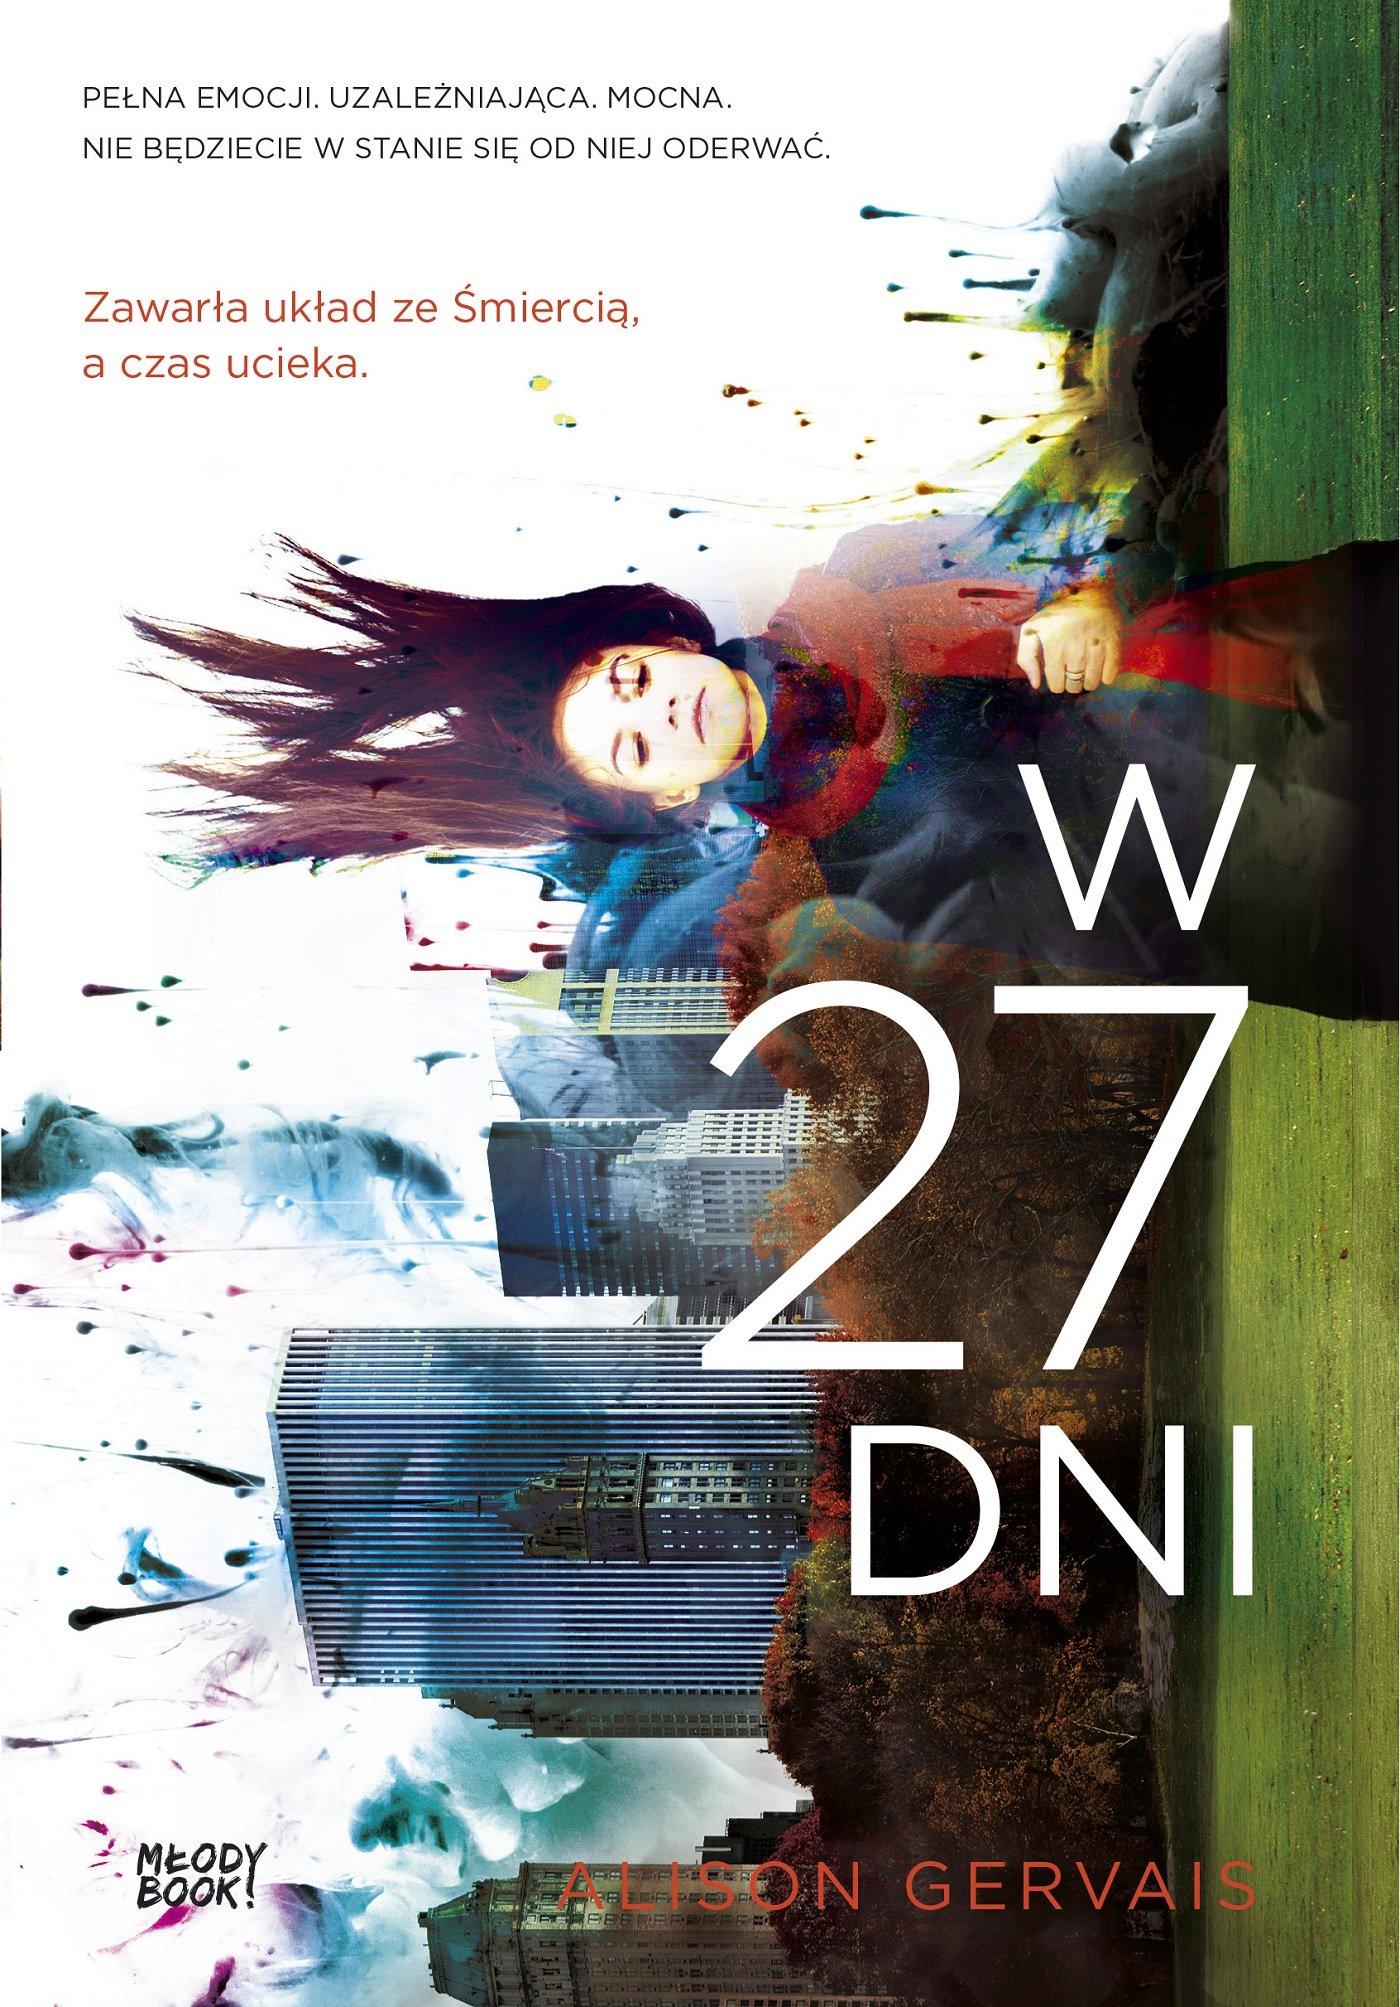 W 27 dni - Ebook (Książka EPUB) do pobrania w formacie EPUB